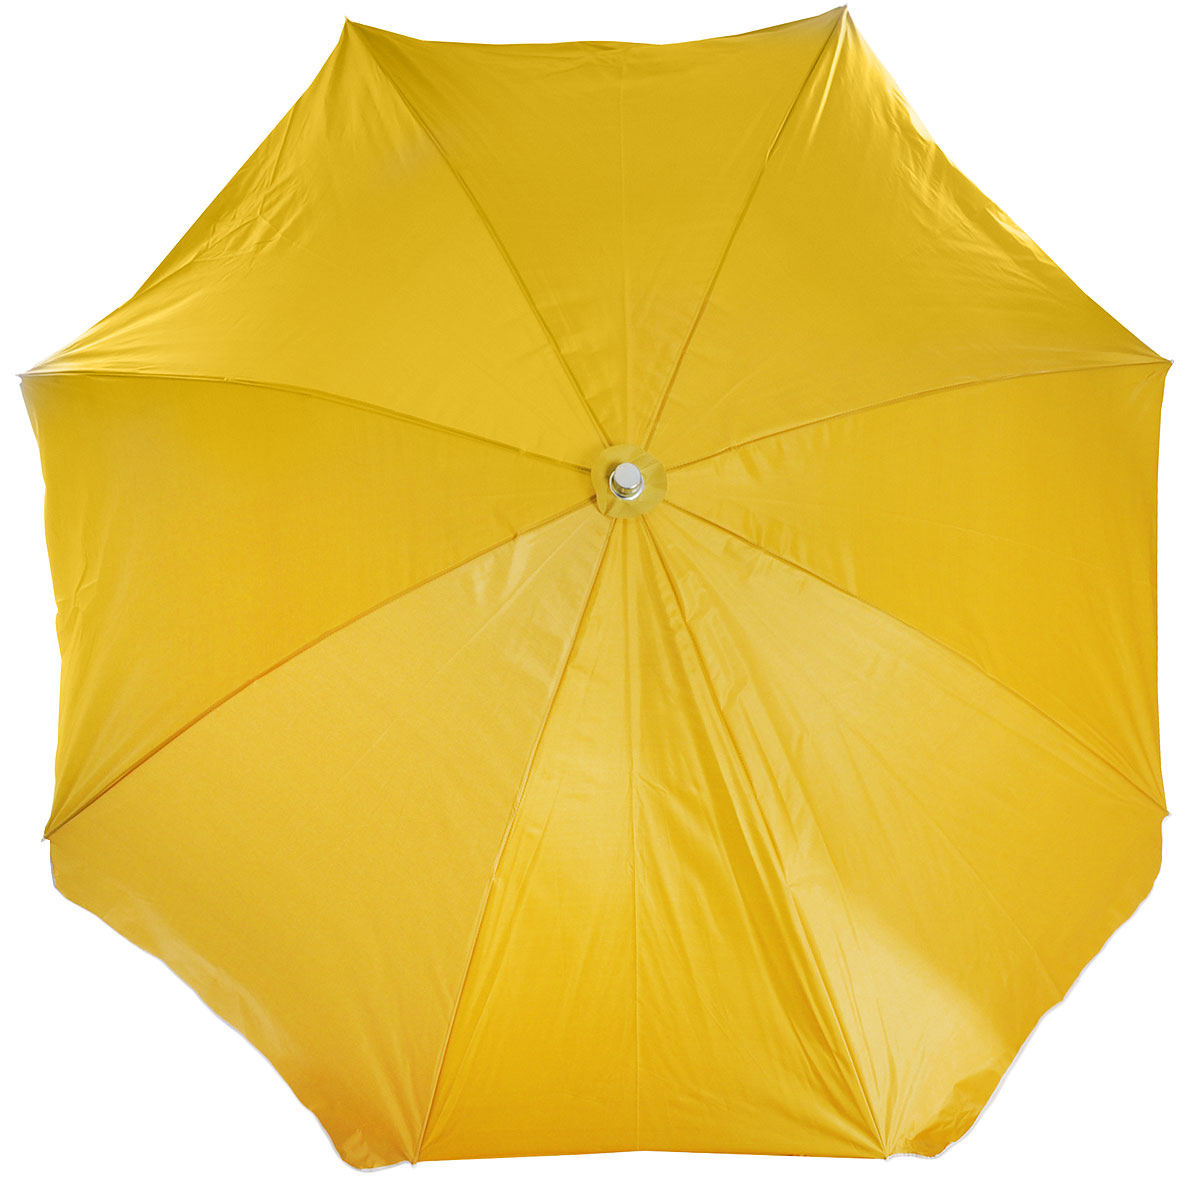 Тент Wildman зонт пляжный складной зеленая полоса d 180 см